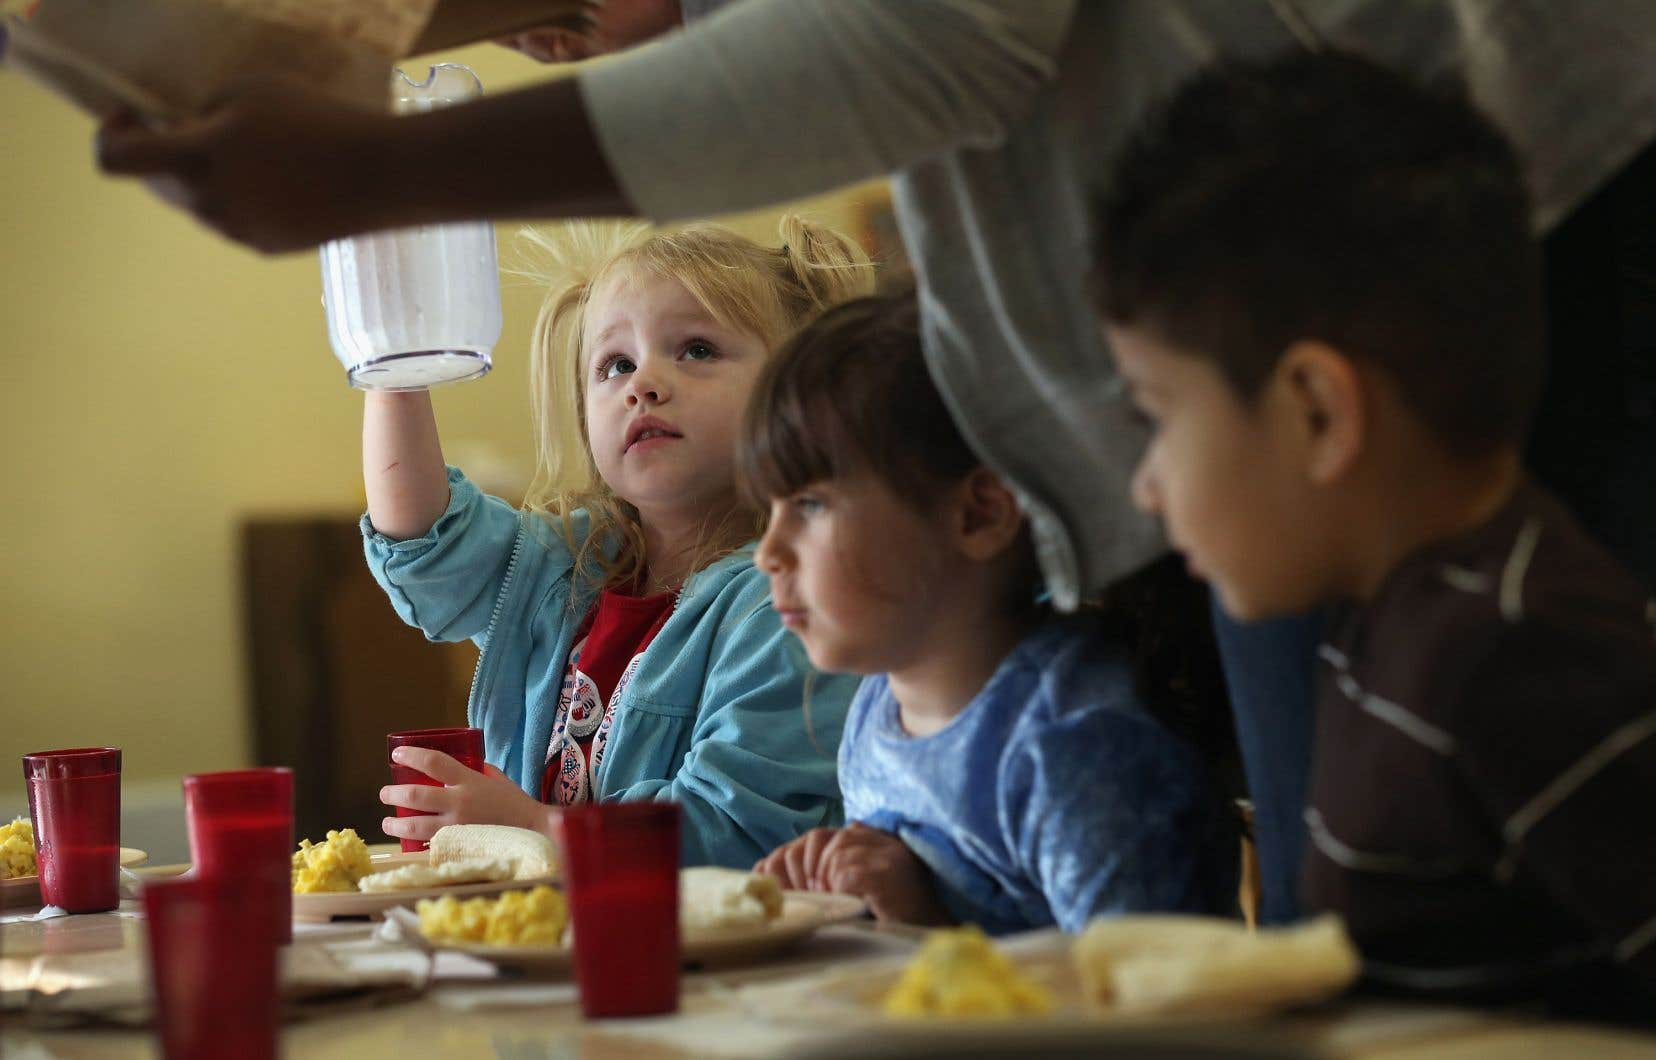 Les collations sont constituées de produits céréaliers, de fruits ou encore de yogourt, qui font parfois office de petits-déjeuners pour les enfants qui ne mangent pas à leur faim et qui sont encore nombreux dans ces écoles.